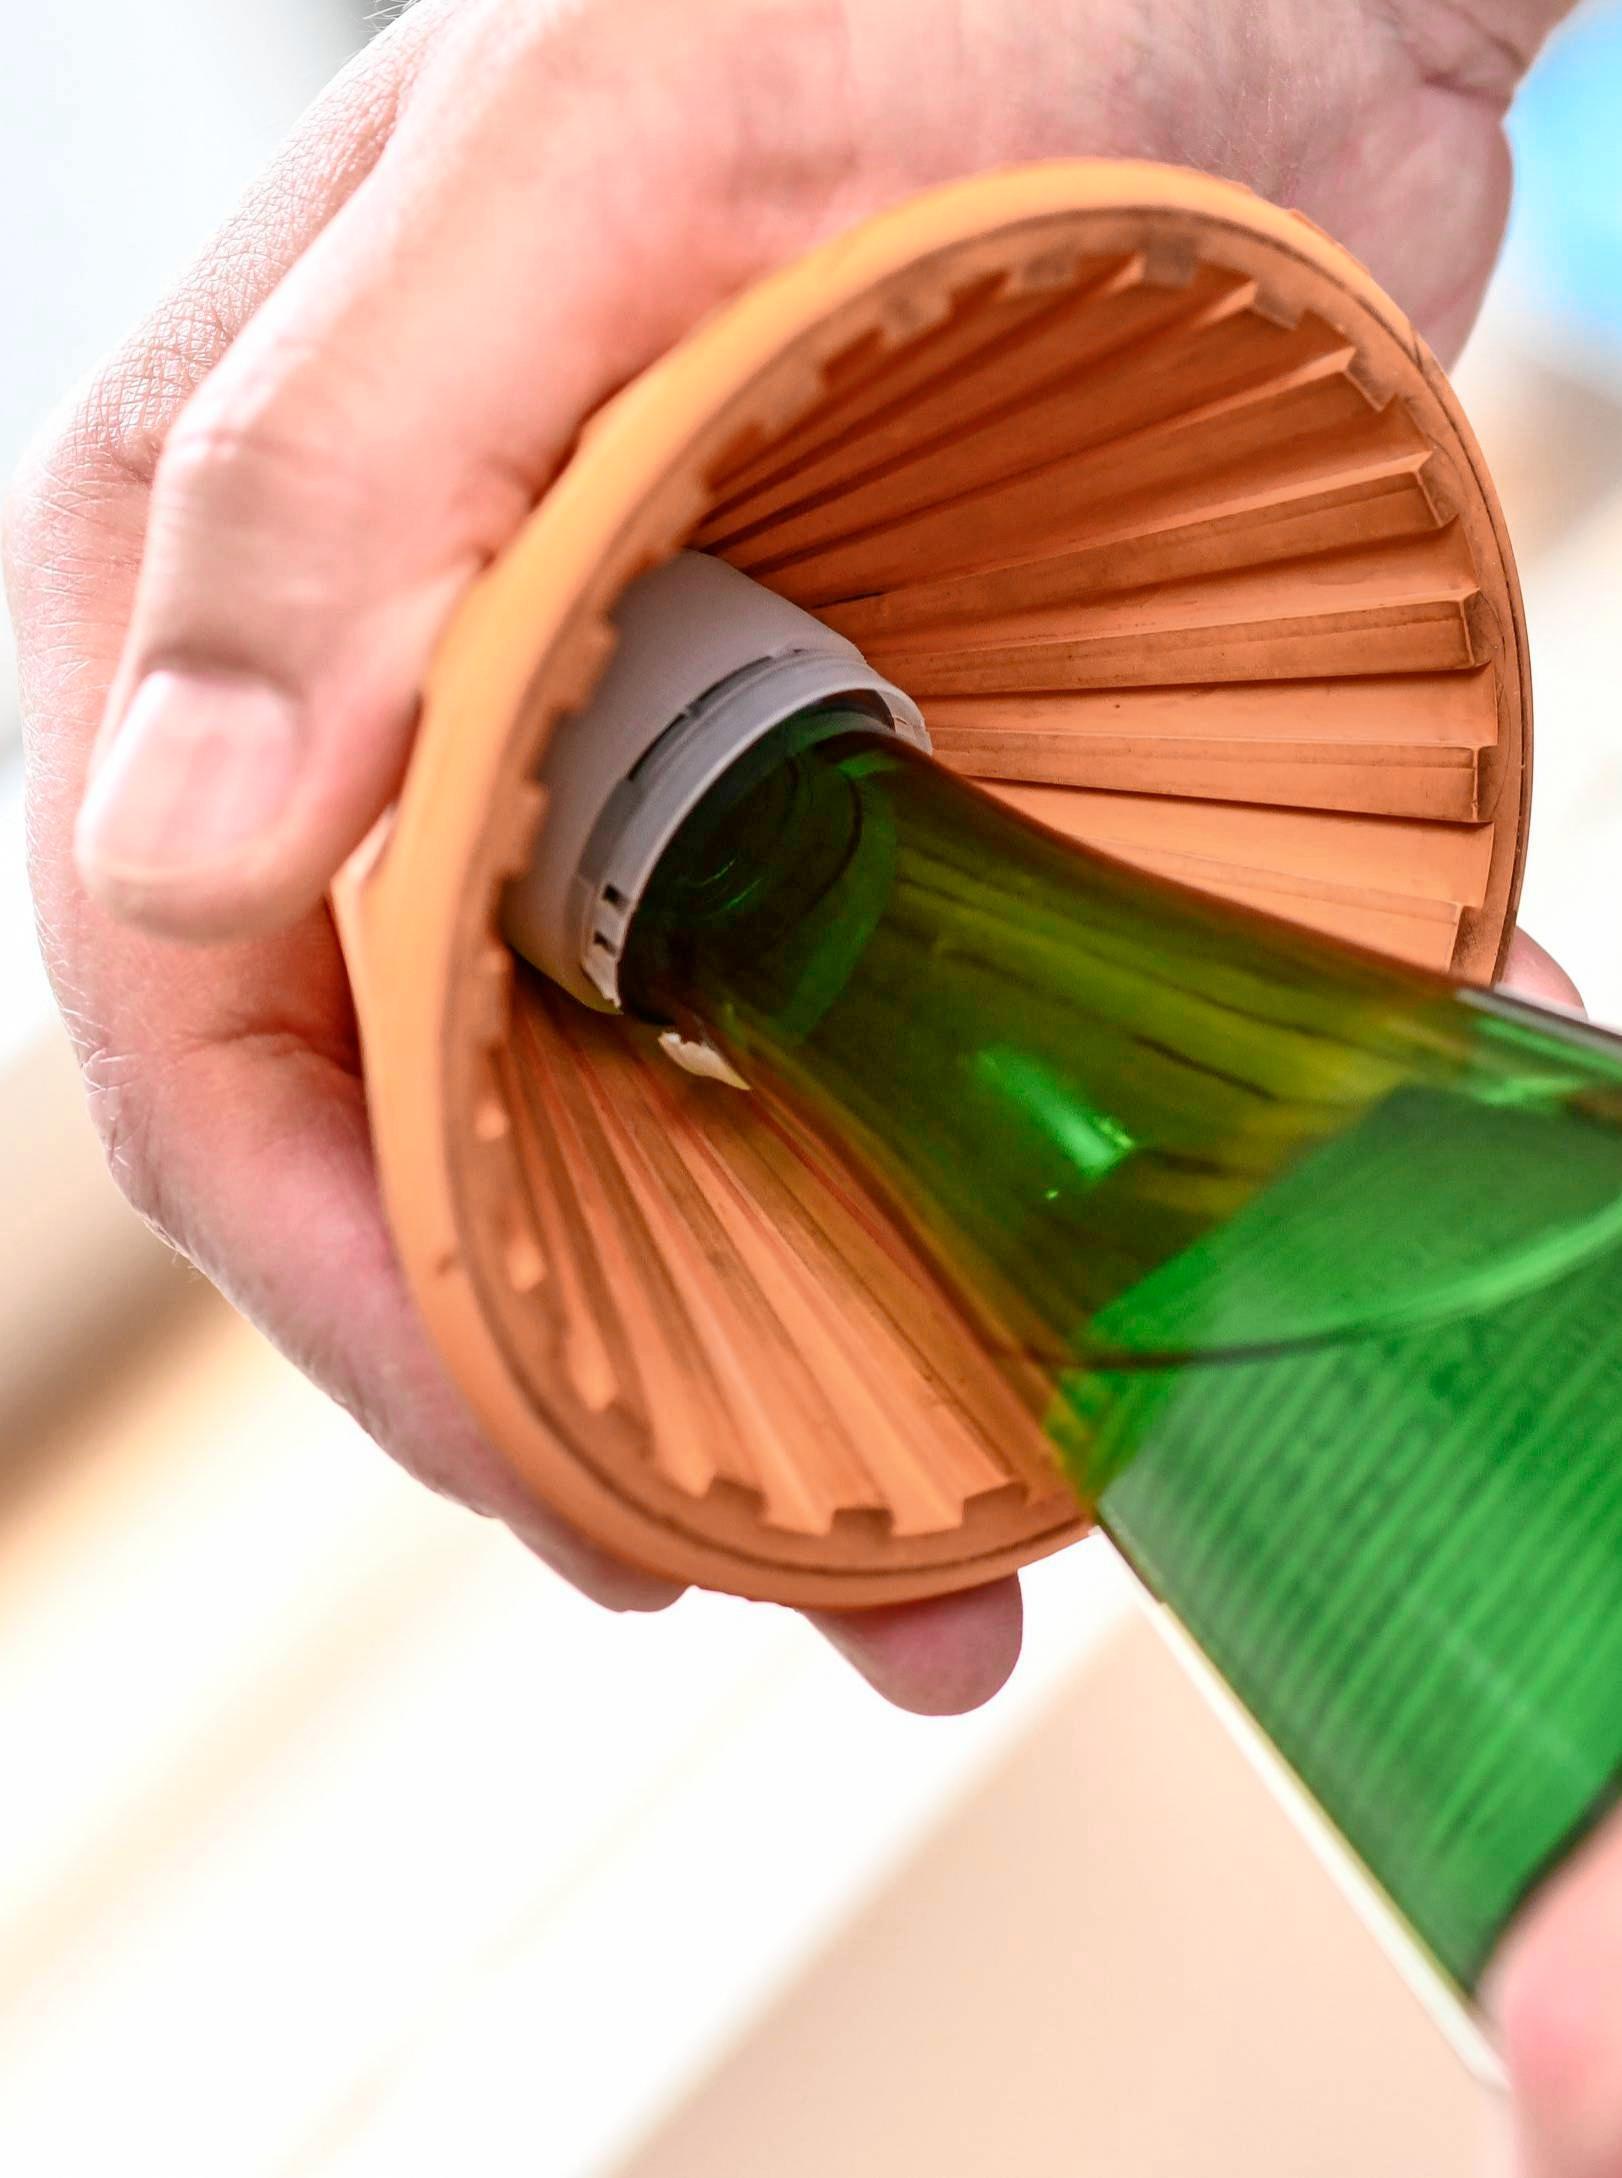 Der Trichter öffnet Flaschen. Foto: Kirsten Neumann/dpa-tmn